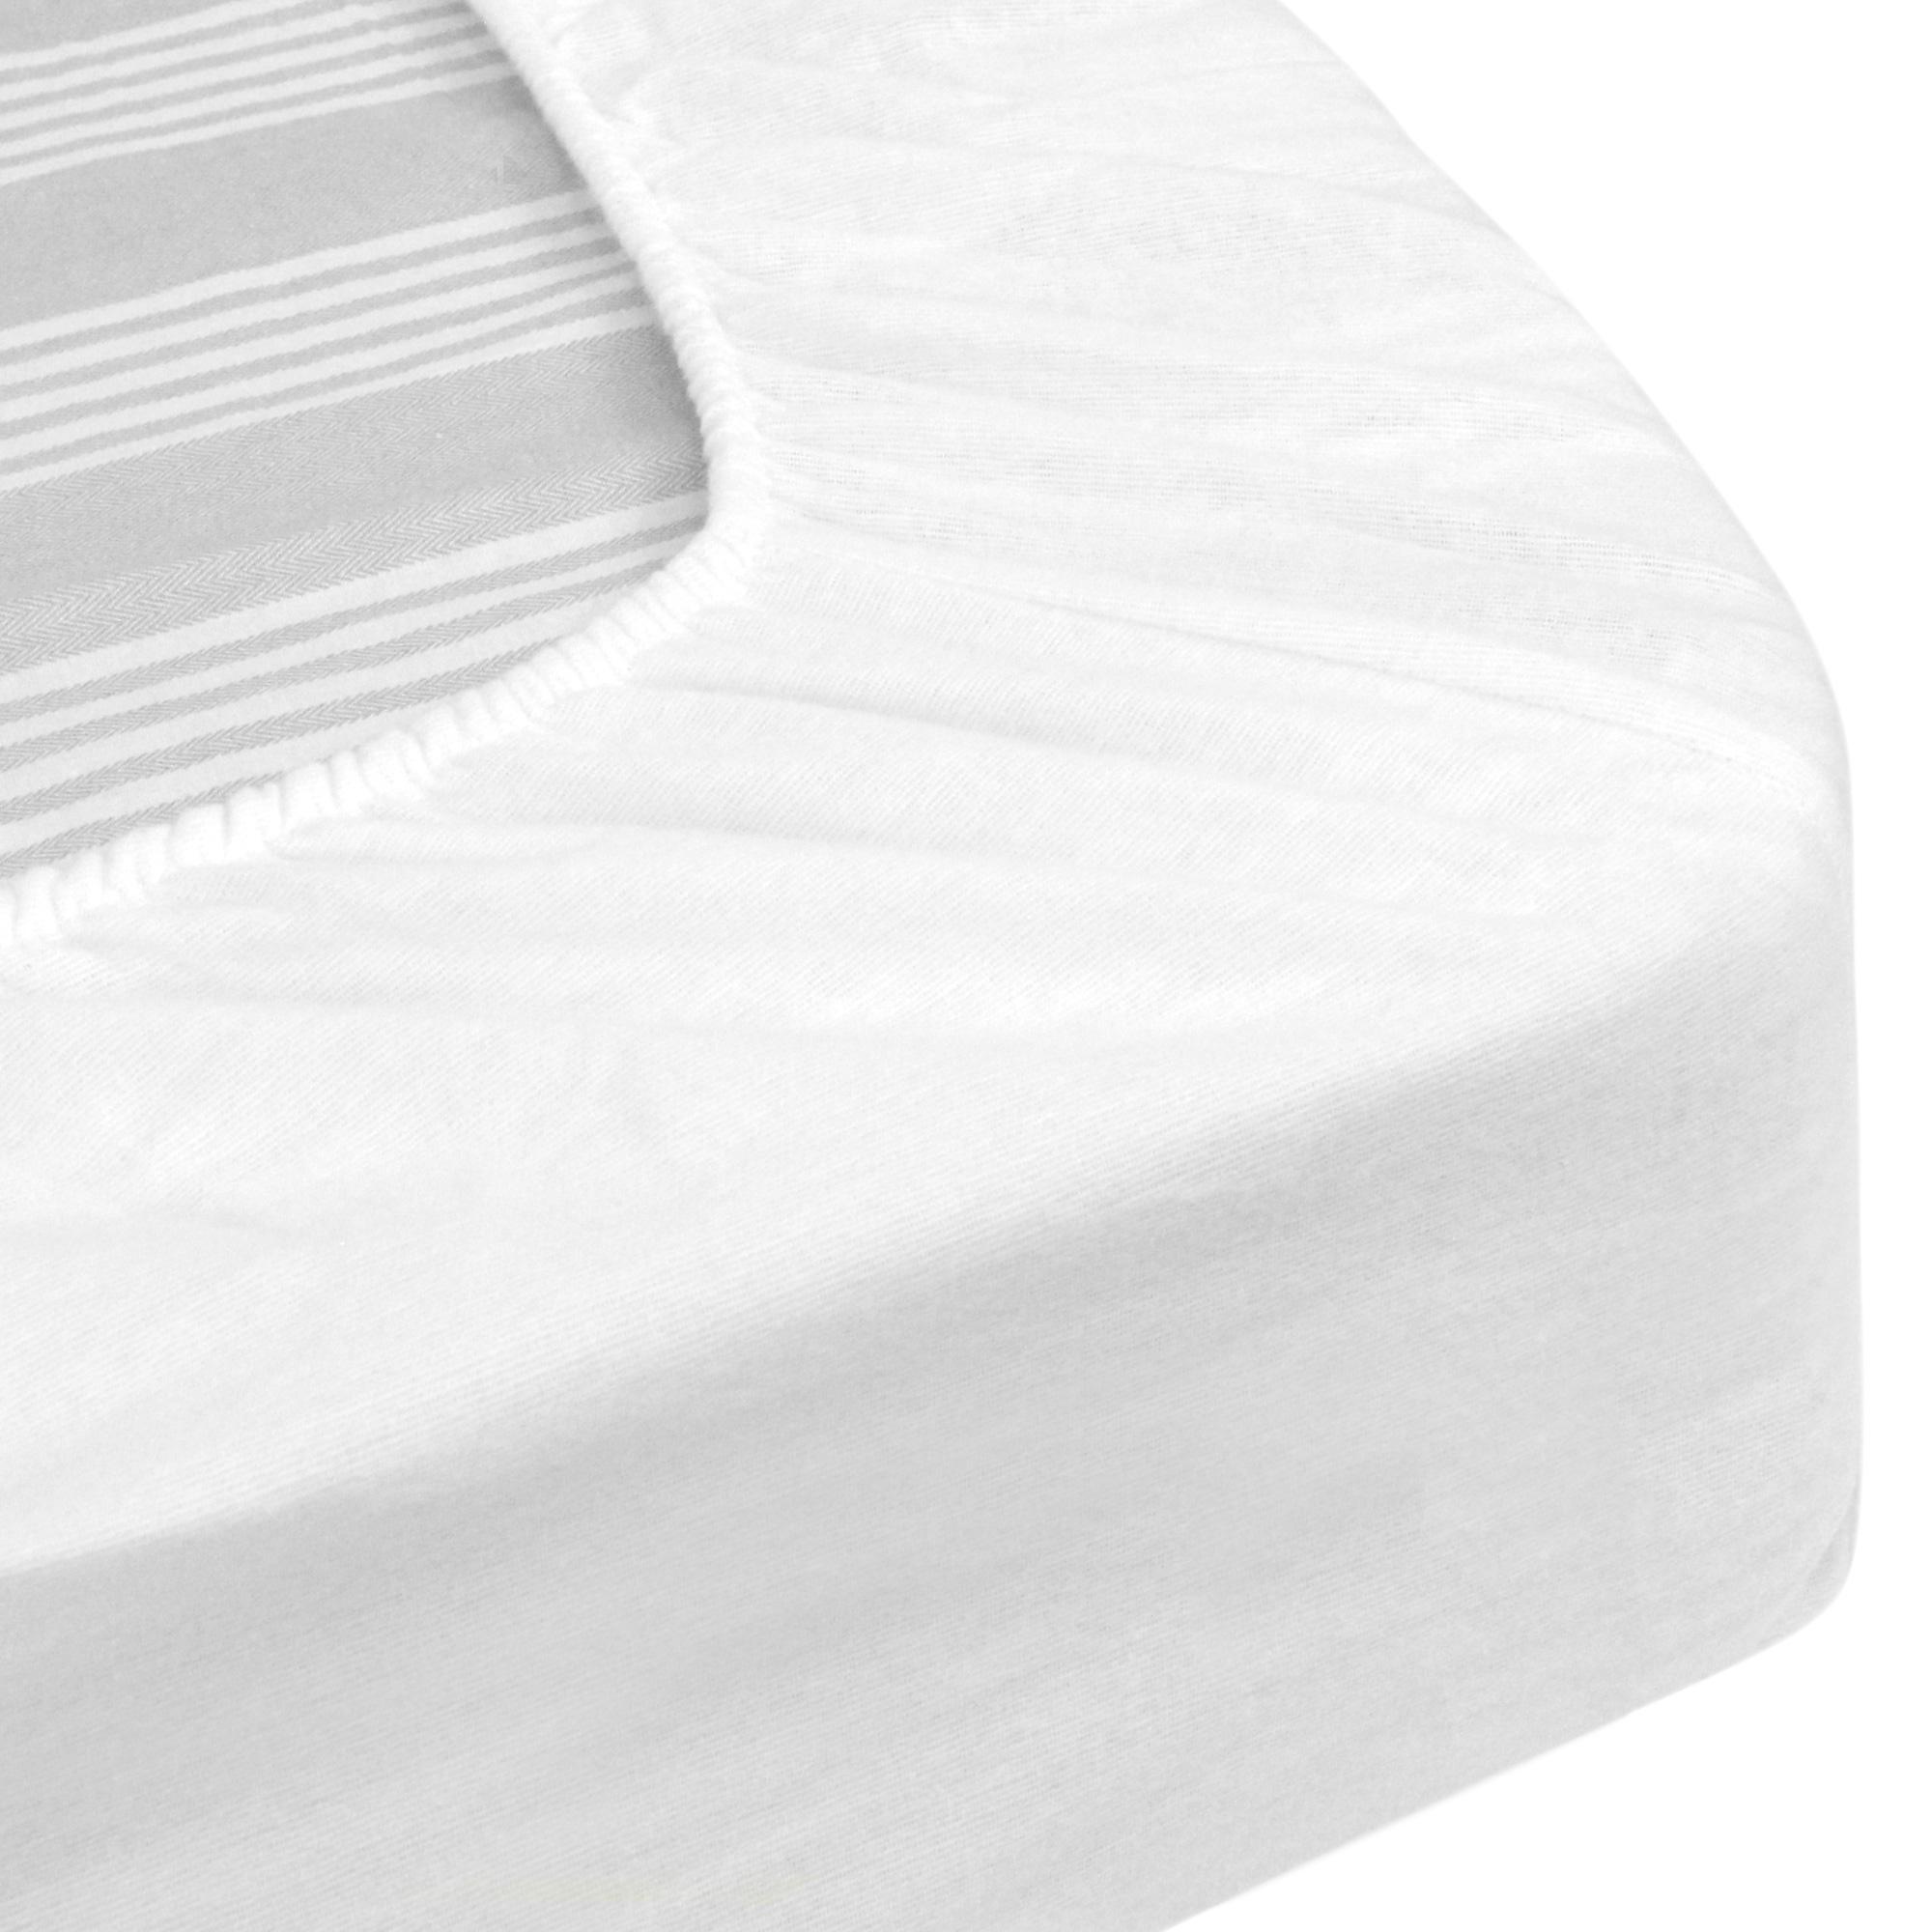 prot ge matelas imperm able 130x190 cm bonnet 30cm arnon molleton 100 coton contrecoll. Black Bedroom Furniture Sets. Home Design Ideas